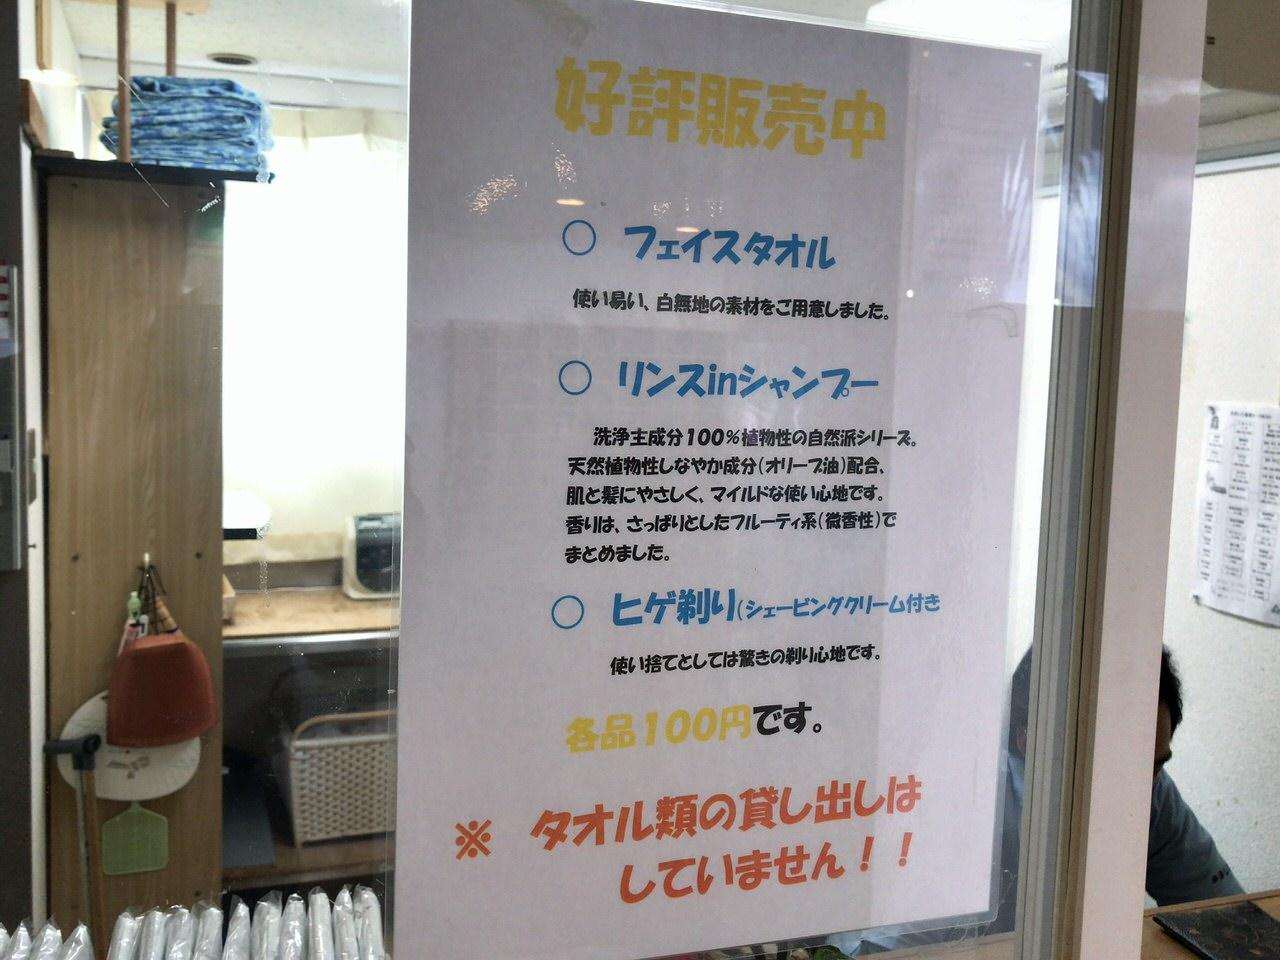 Niijima travel 2394